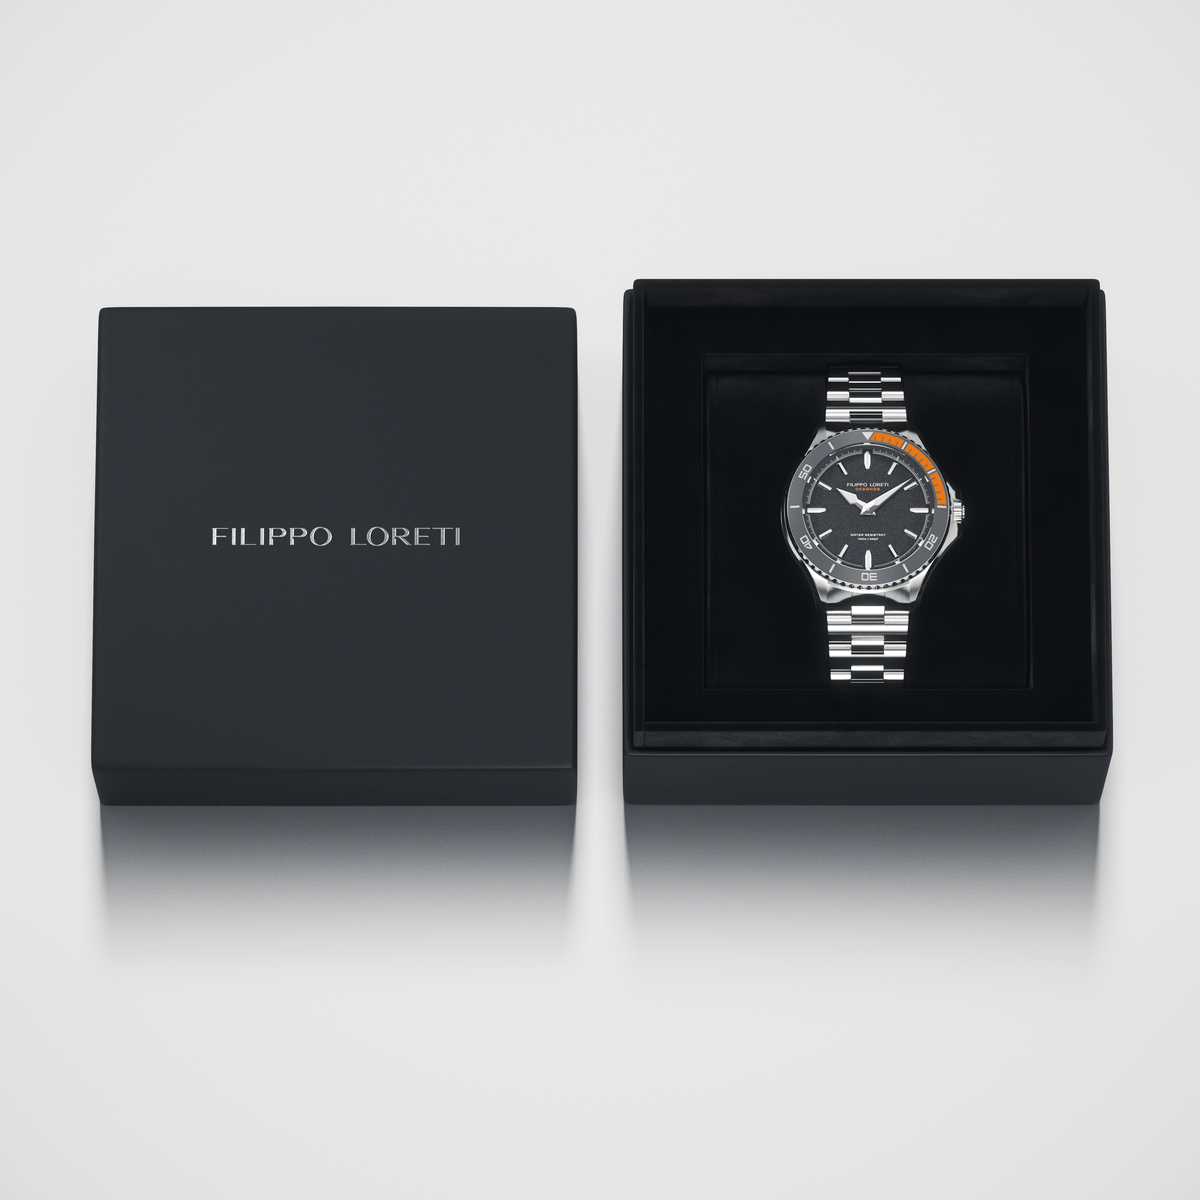 Okeanos Grey Steel Link Men's Watch from Filippo Loreti